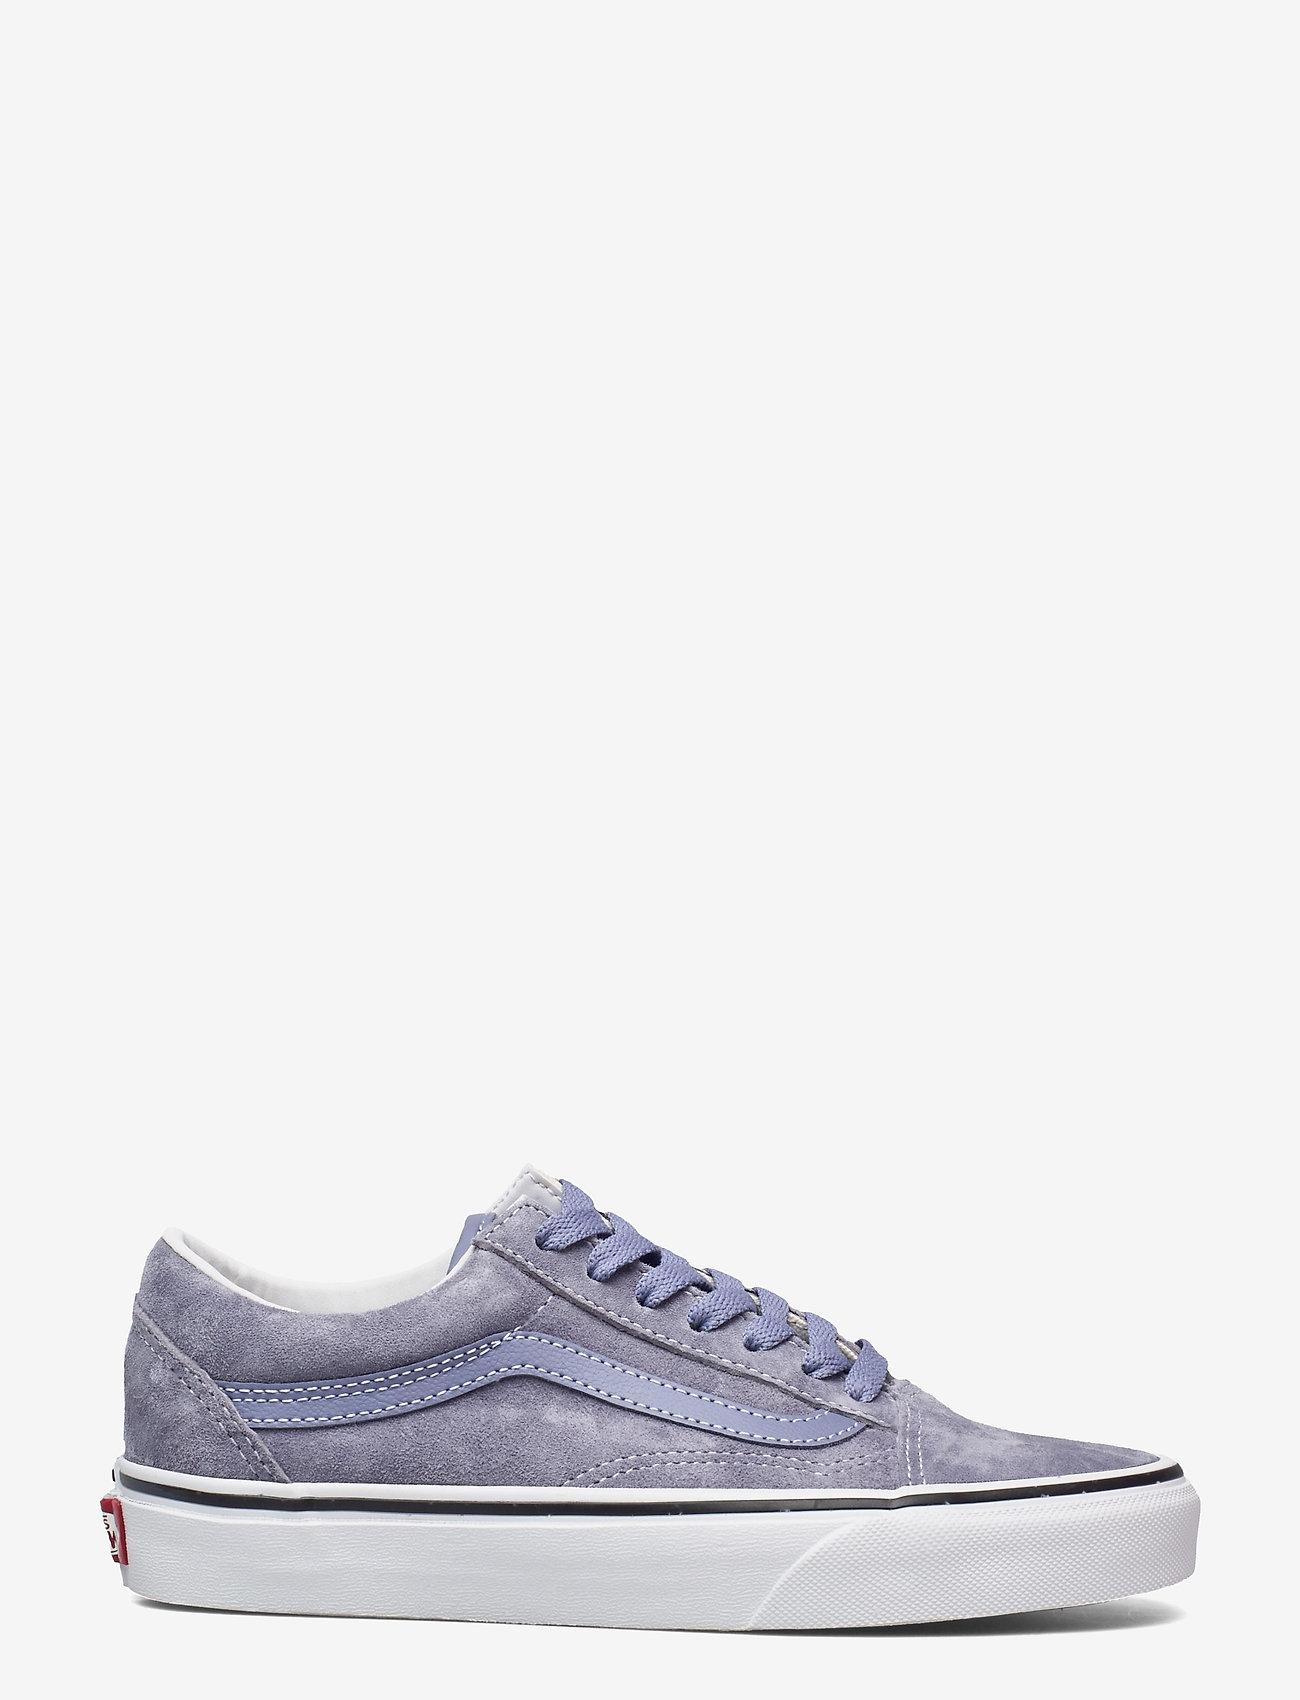 VANS - UA Old Skool - laag sneakers - (pig suede)tempestbltrwht - 1